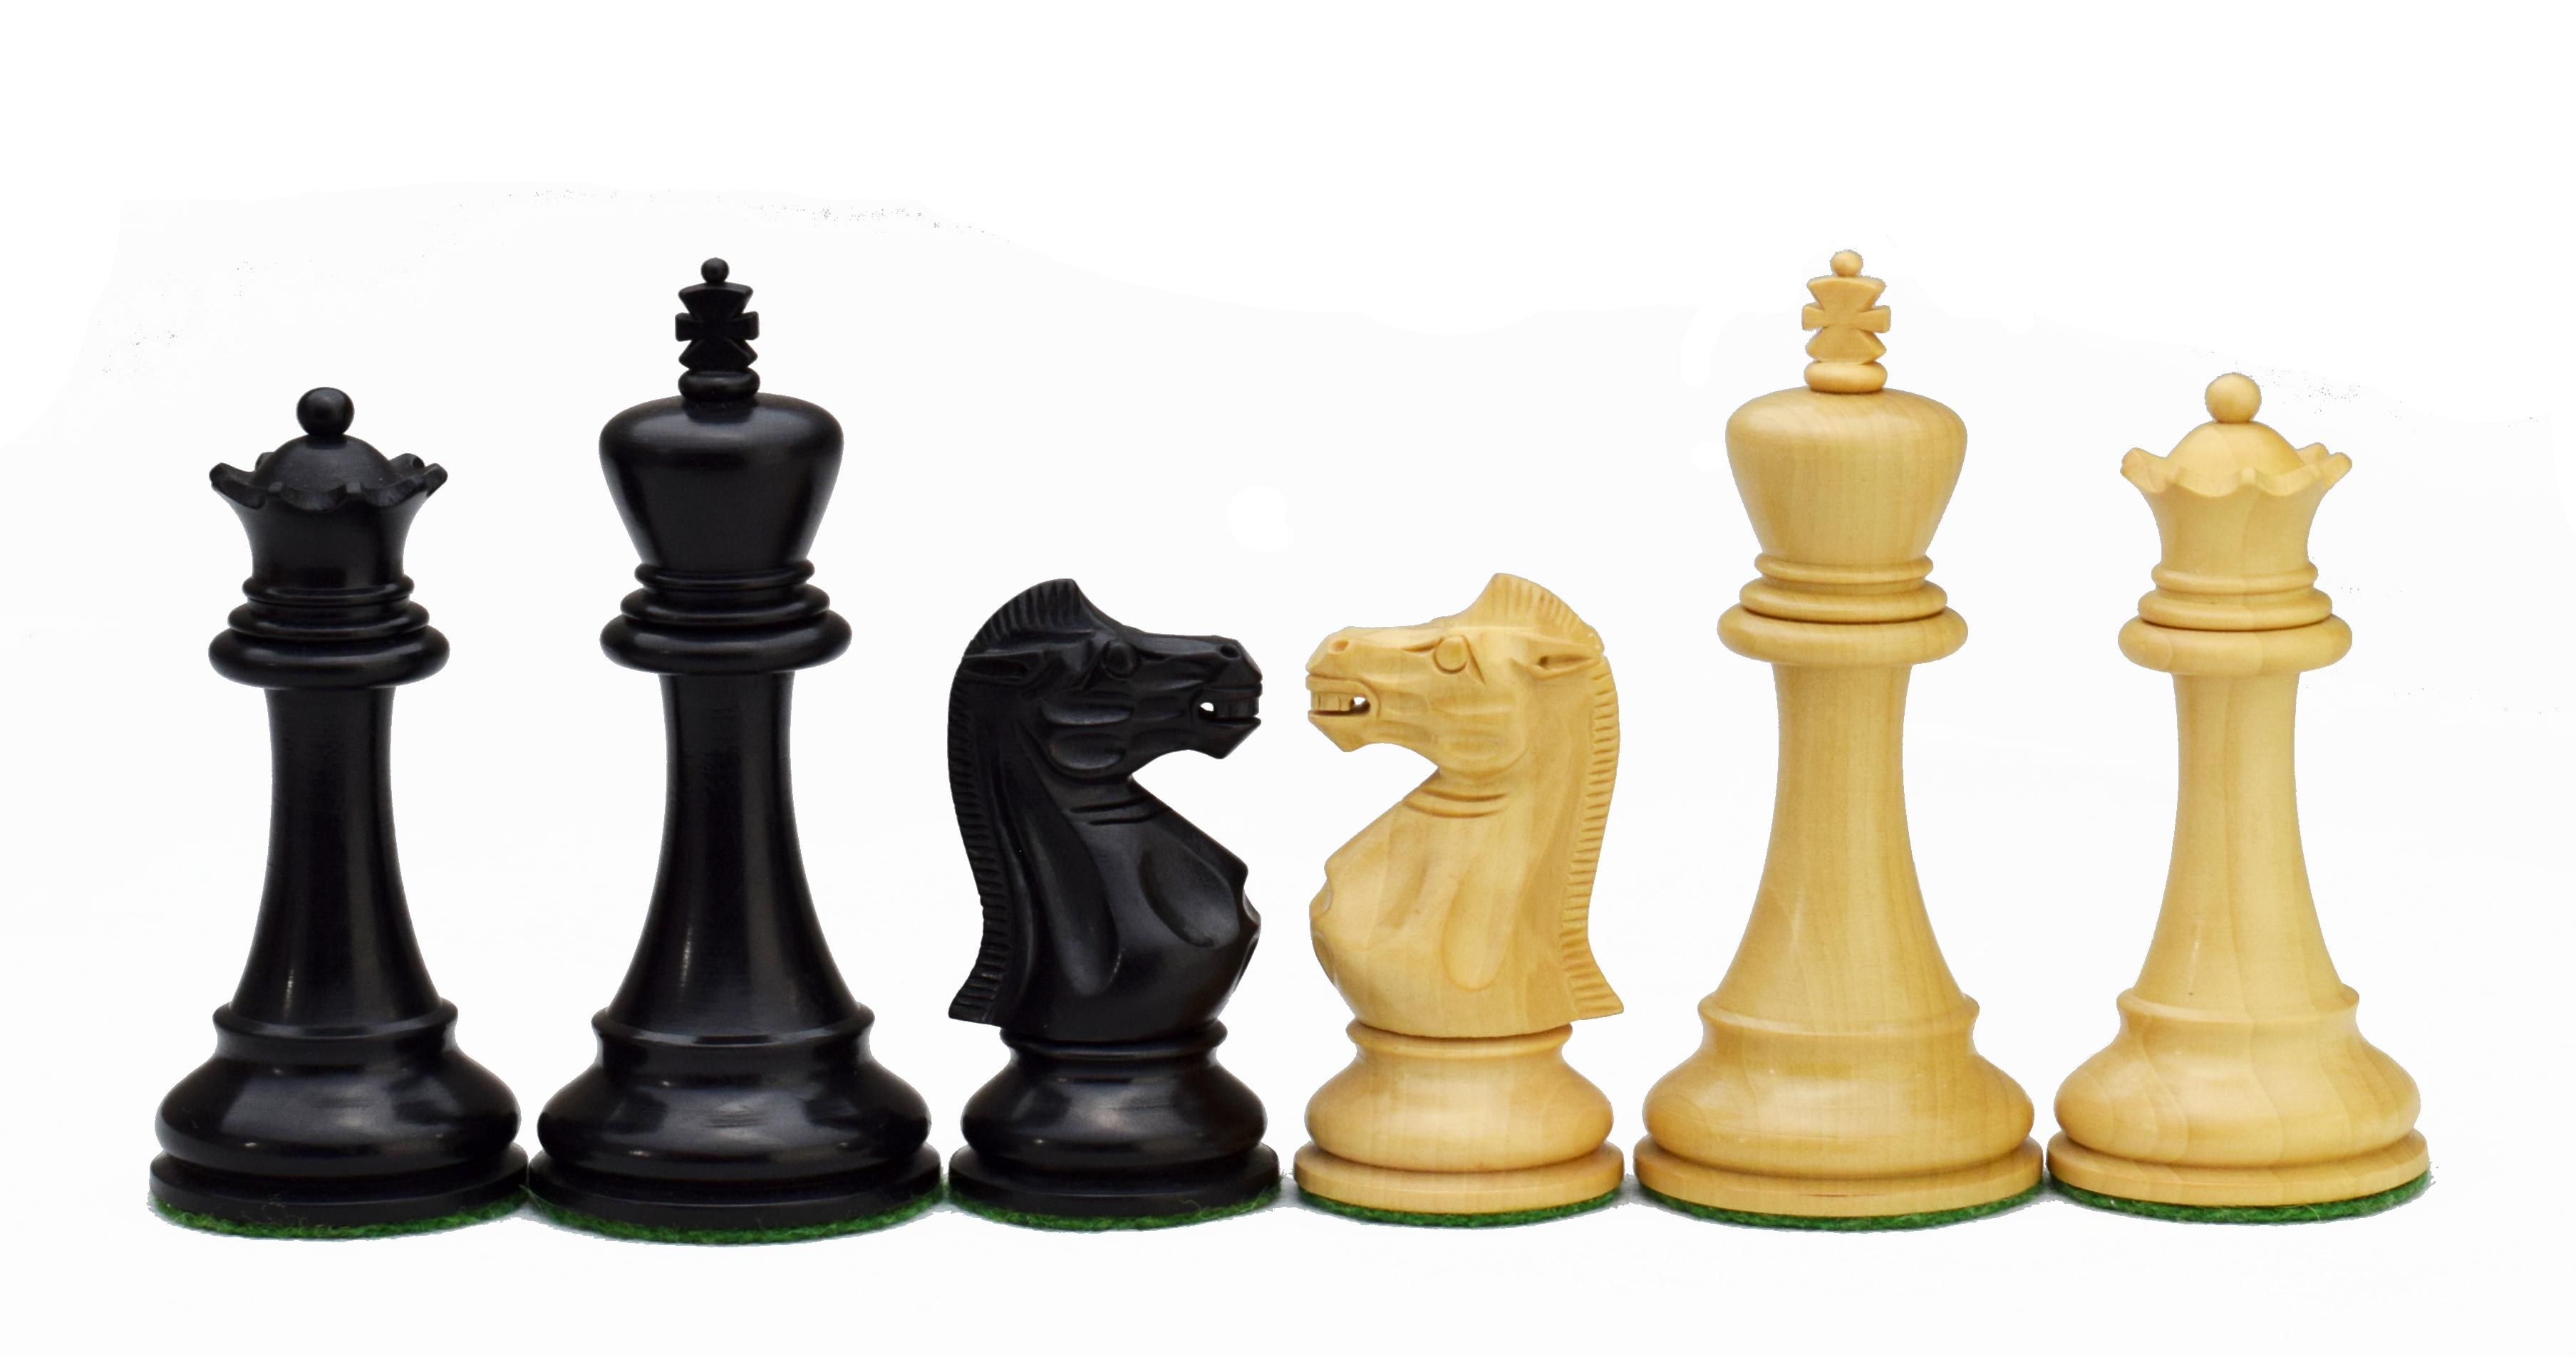 https://roogu.com/chess/CH3.3.png